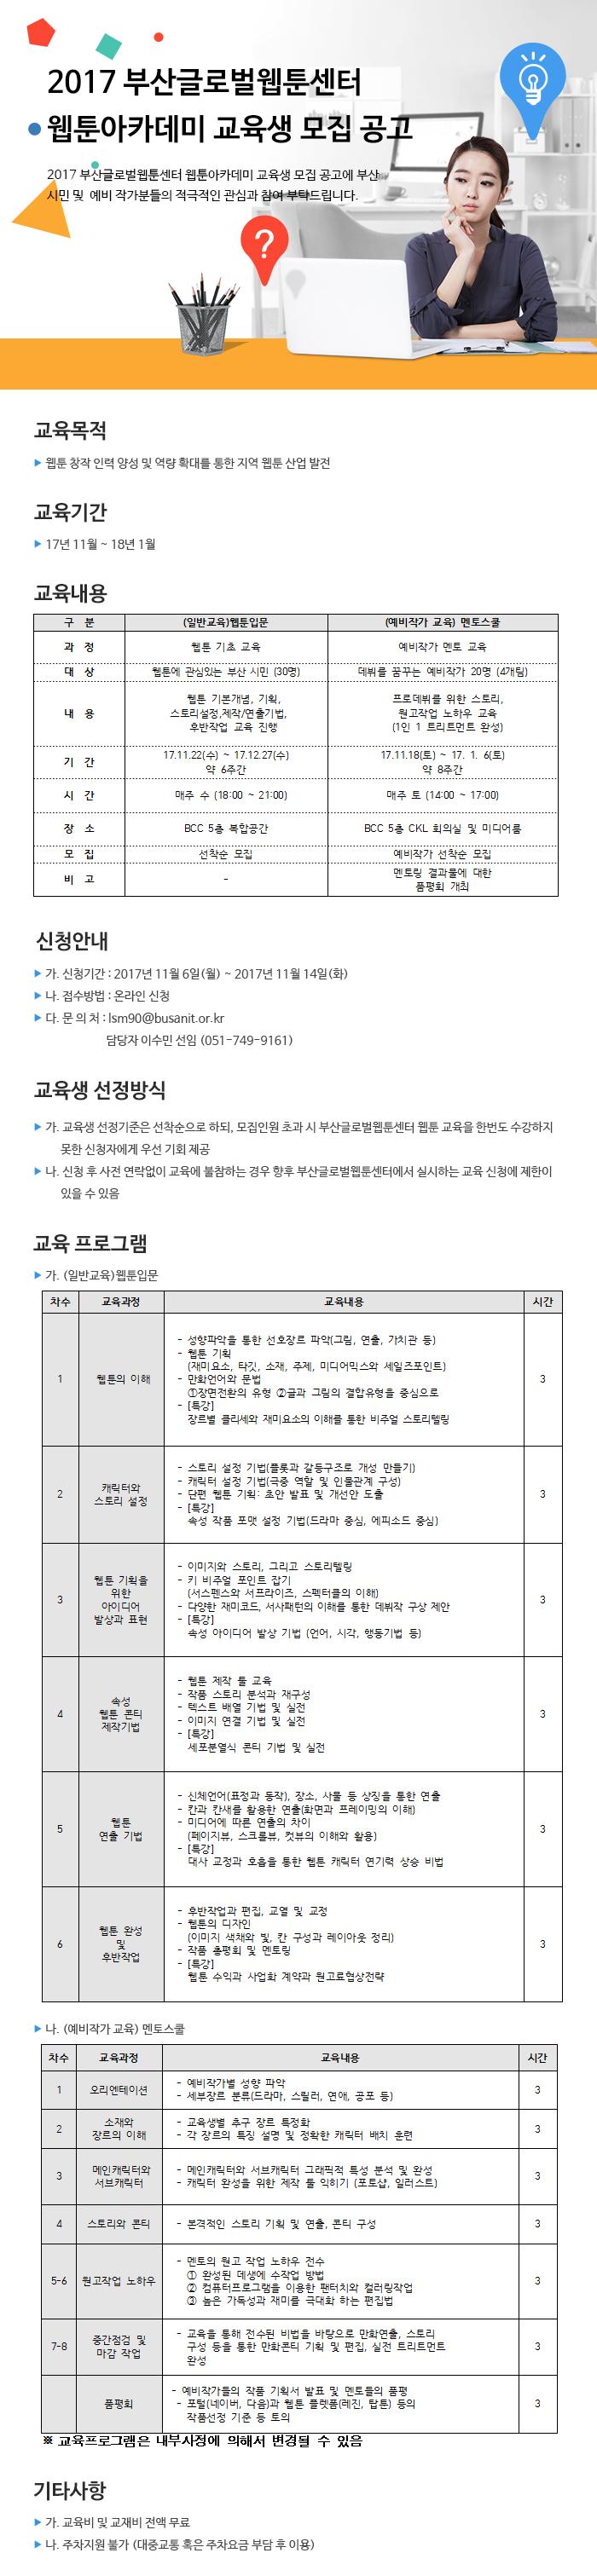 2017 부산글로벌웹툰센터 웹툰아카데미 교육생 모집 공고